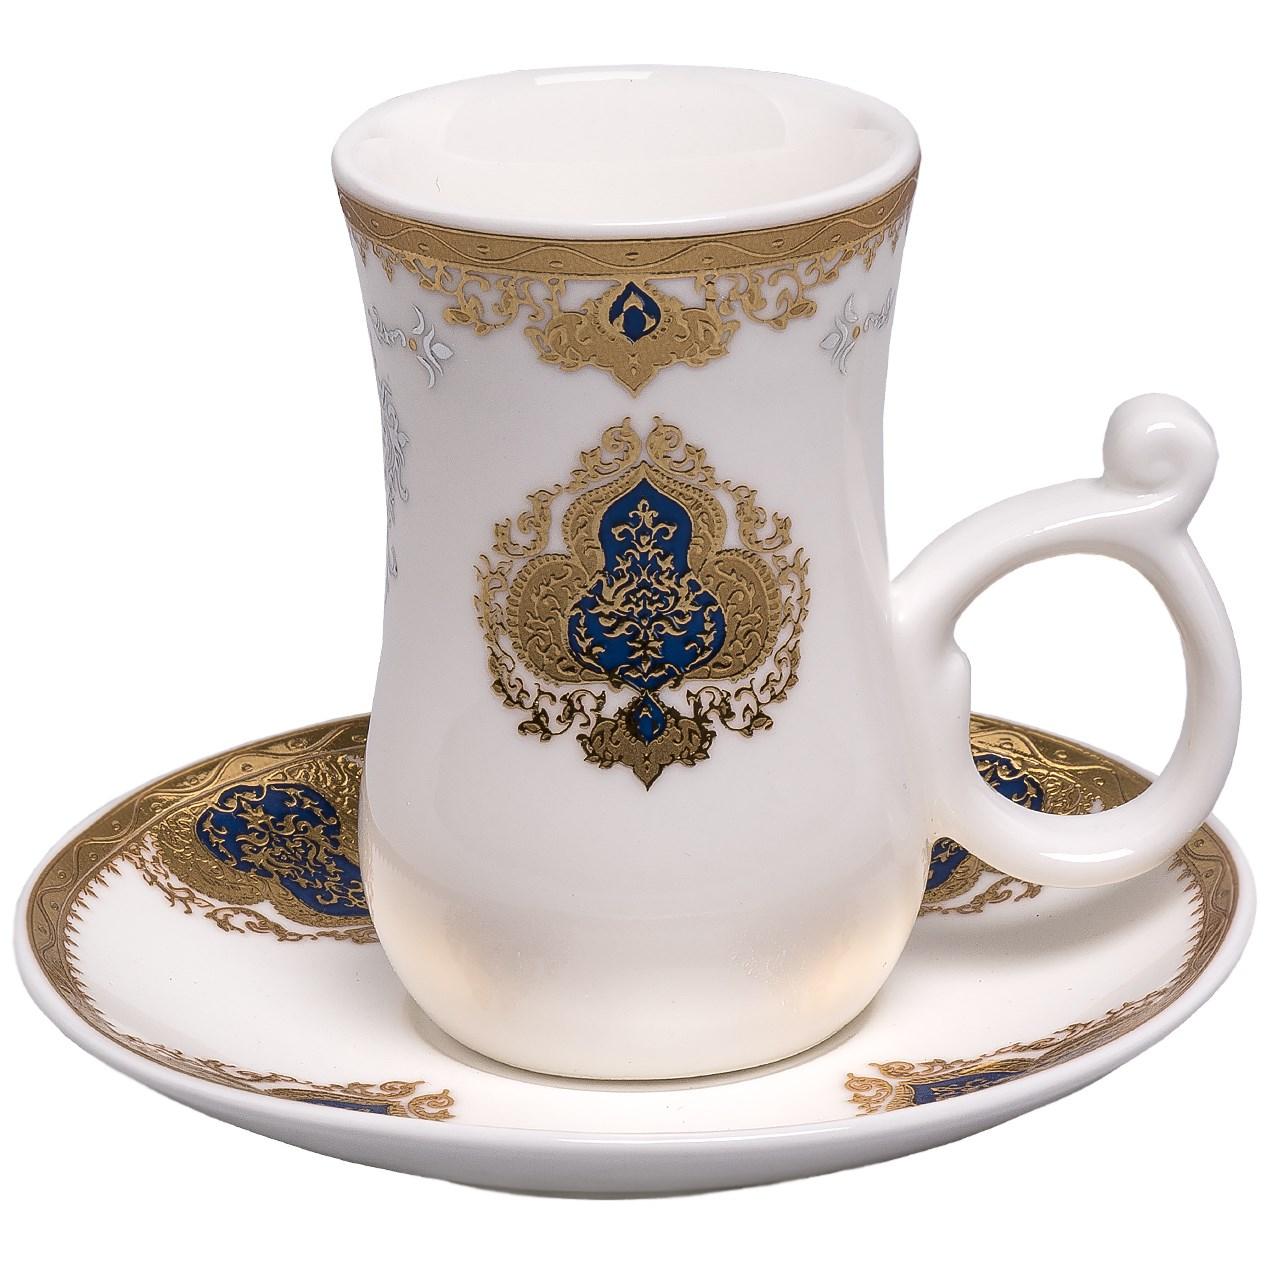 عکس سرویس چای خوری پلاس  12 پارچه مدل 513